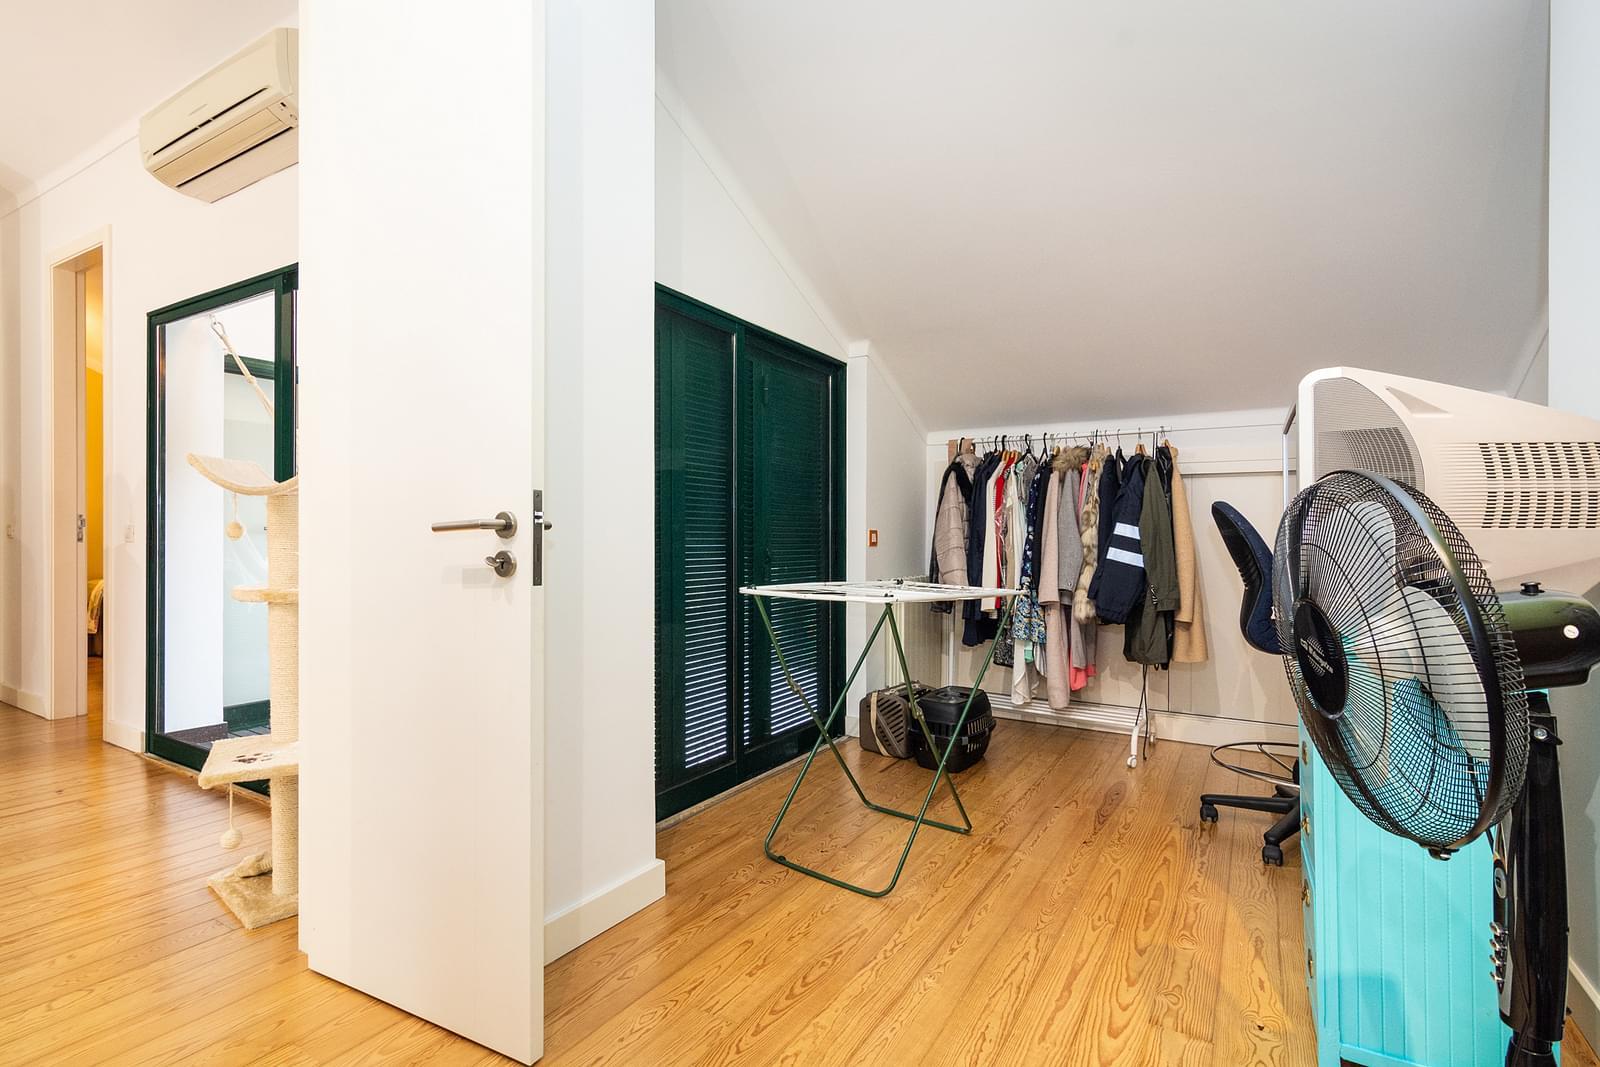 pf17626-apartamento-t6-lisboa-fa244507-a546-4750-b5c6-c3e99f2b5ad0